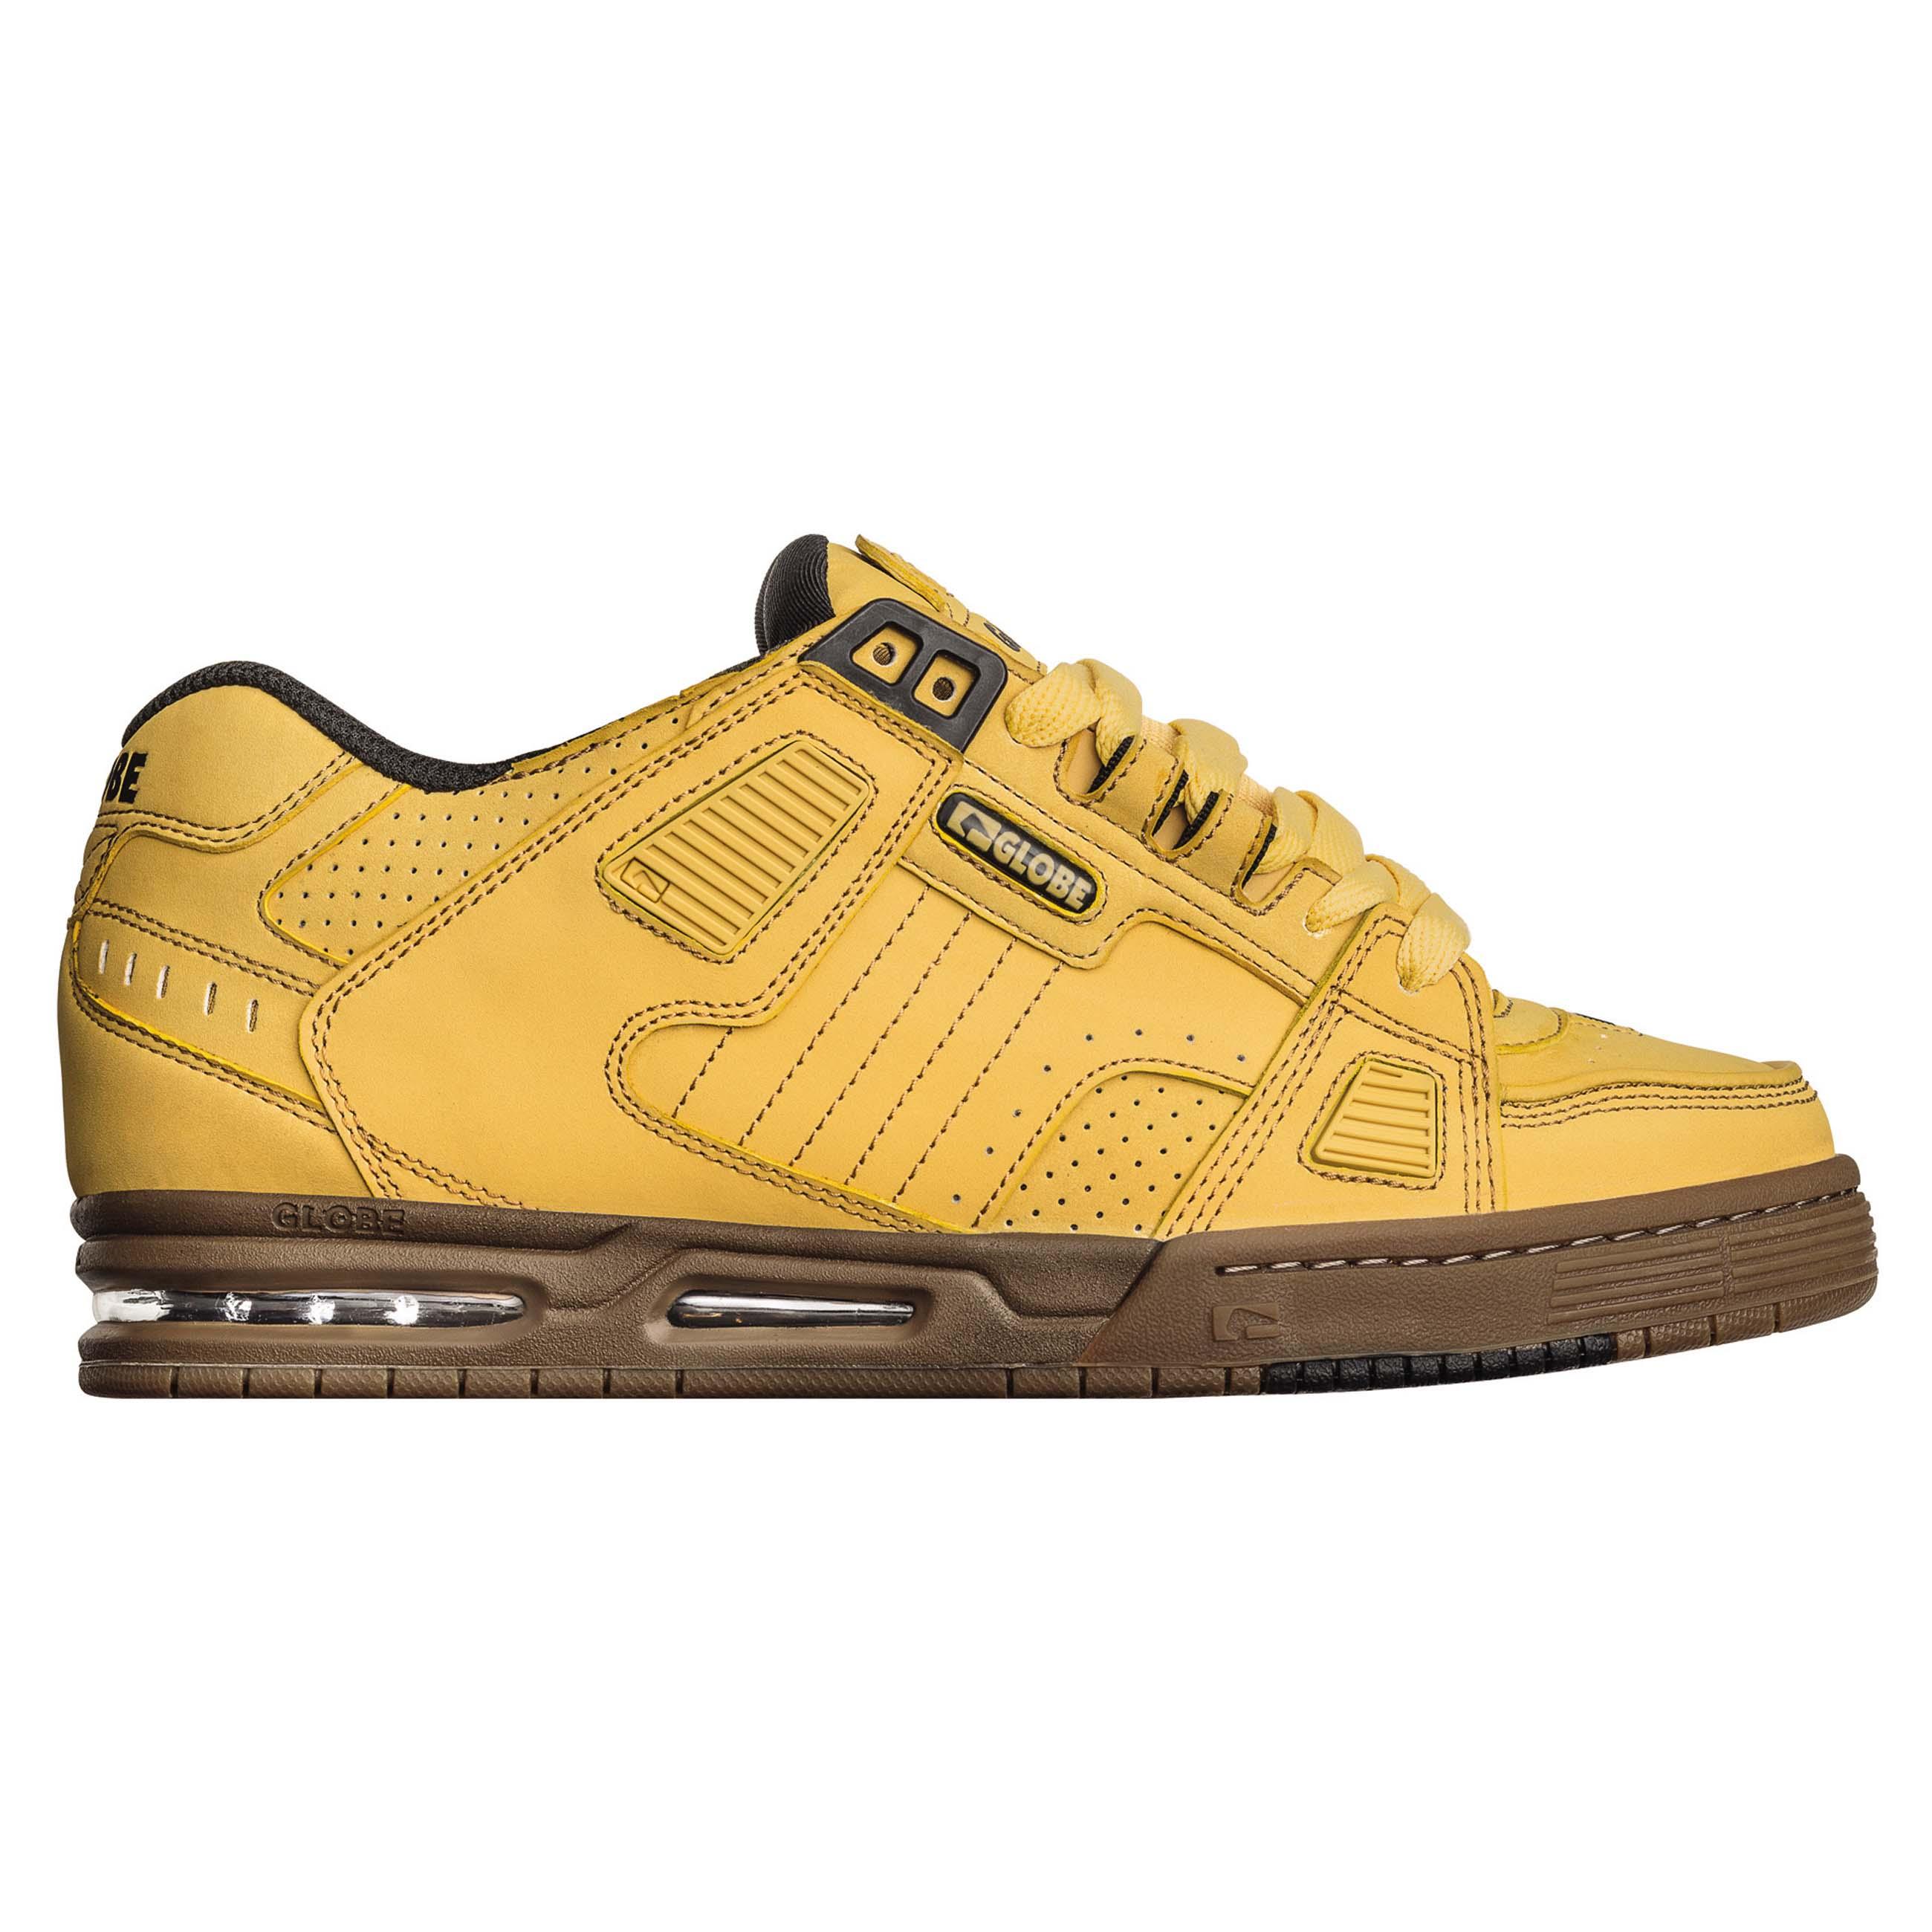 Détails sur Globe Sabre Chaussures De Skate Baskets blé tabac afficher le titre d'origine